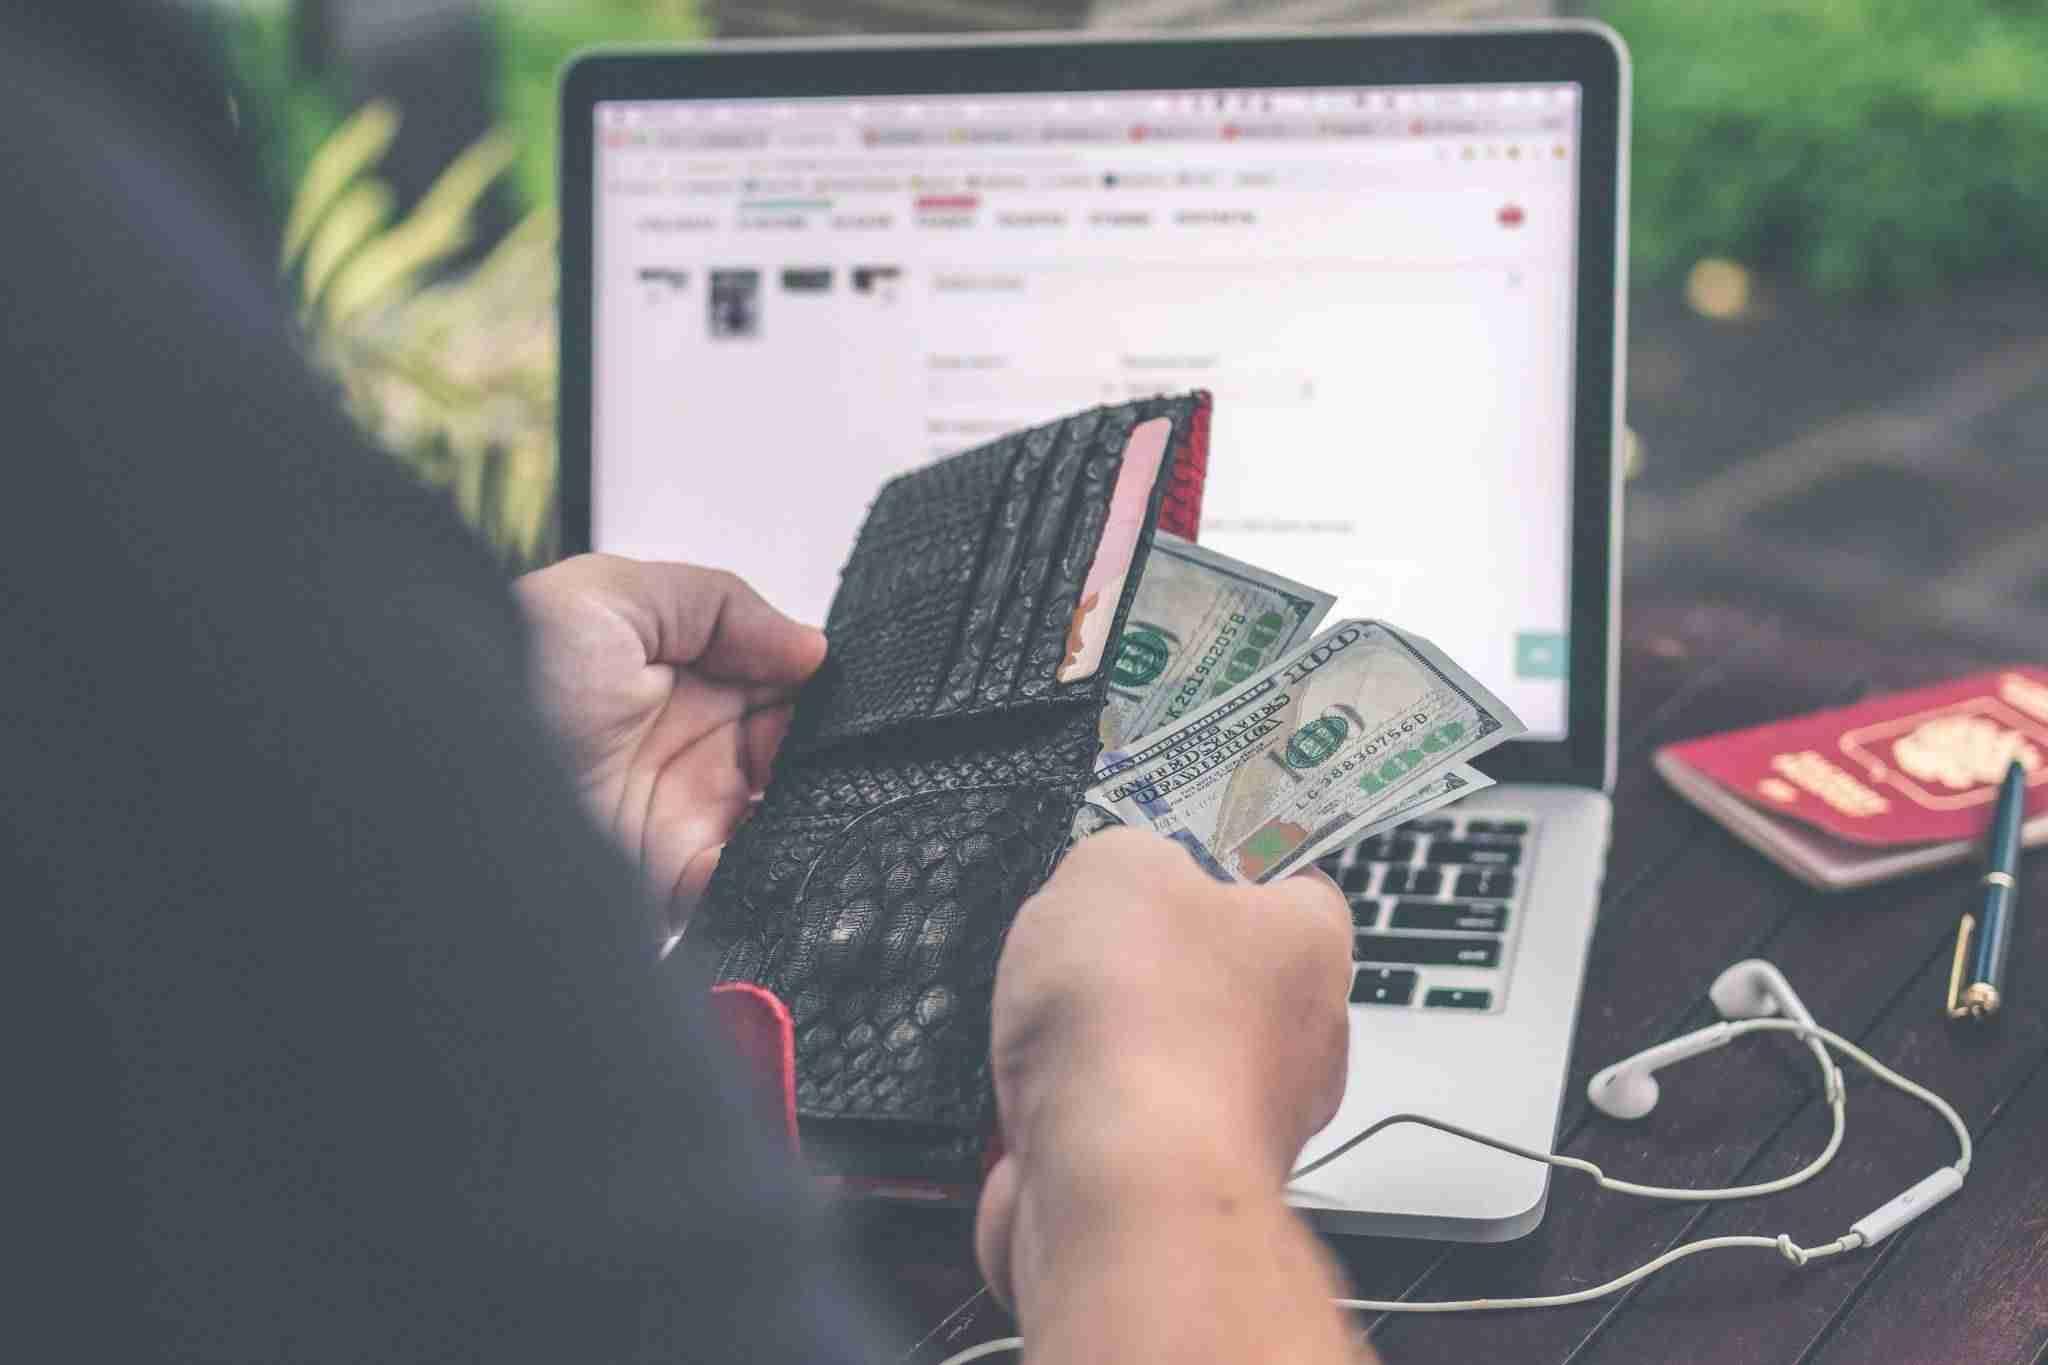 كيف تربح ٤٠٠٠ دولار شهريا من الانترنت شرح خطوة بخطوة مع خطة عمل كامله